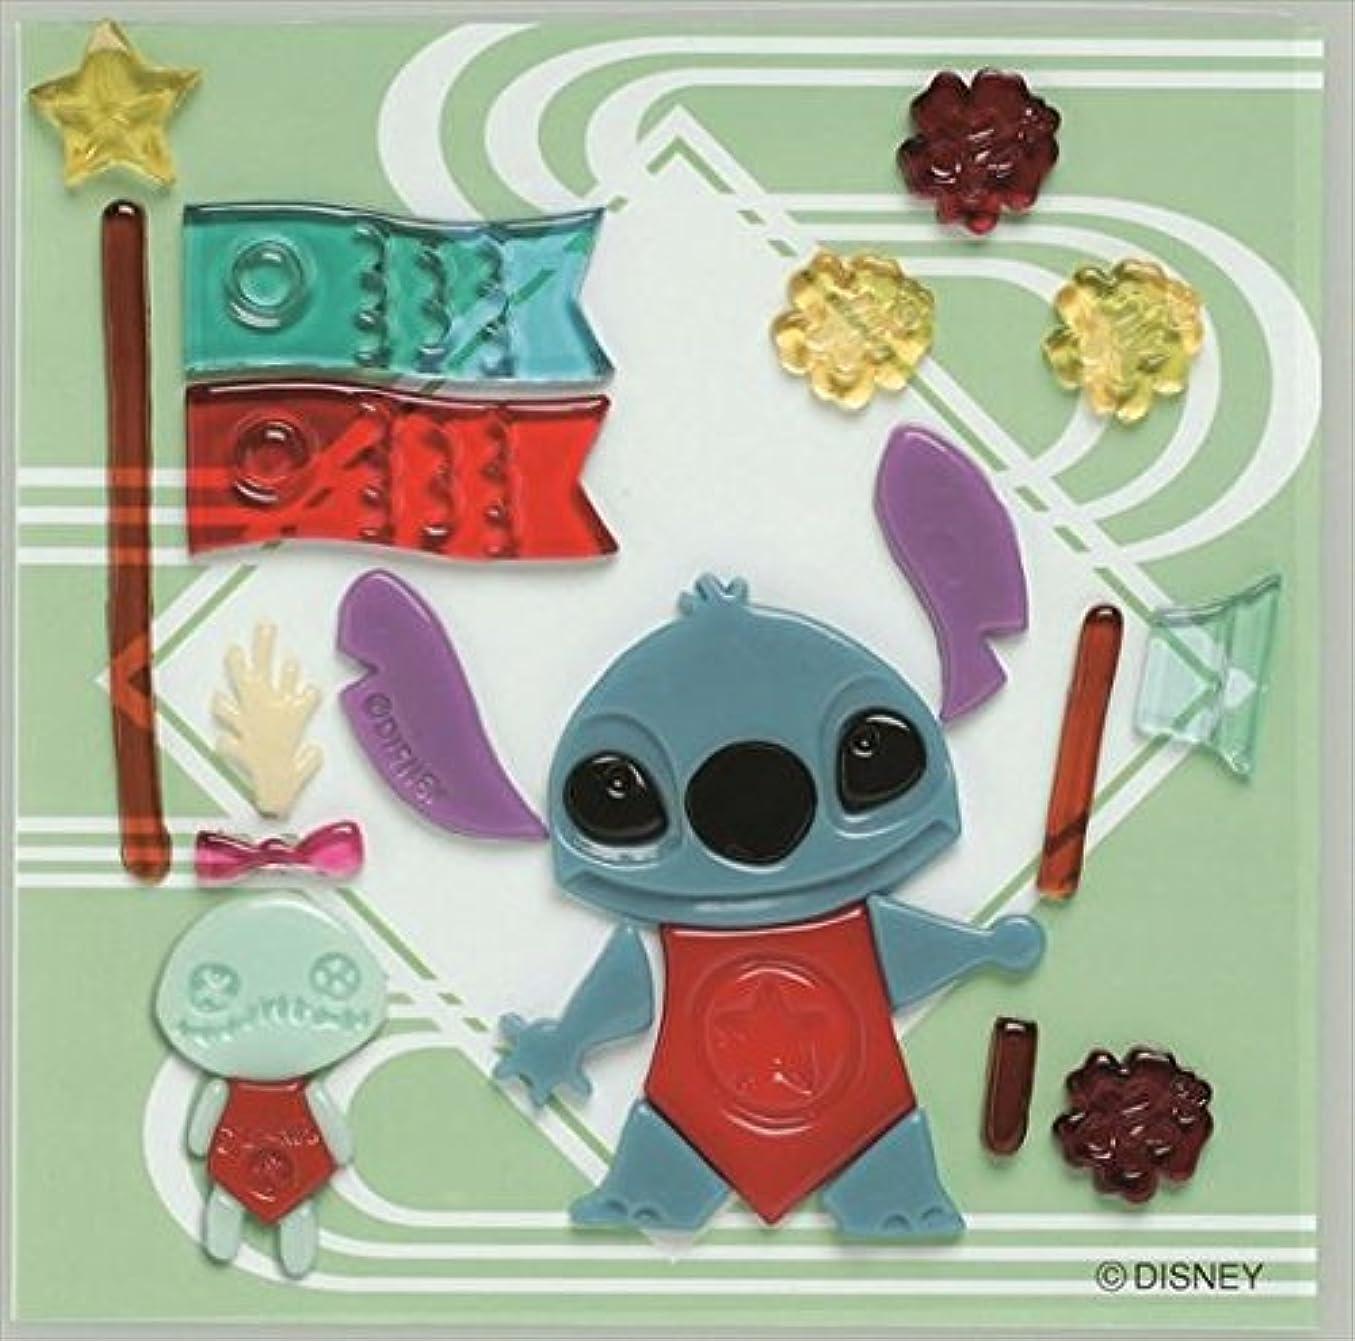 散る広告解凍する、雪解け、霜解けディズニー( Disney ) ジェルジェムディズニーバッグS 「 キンタロウスティッチ 」 E1050027